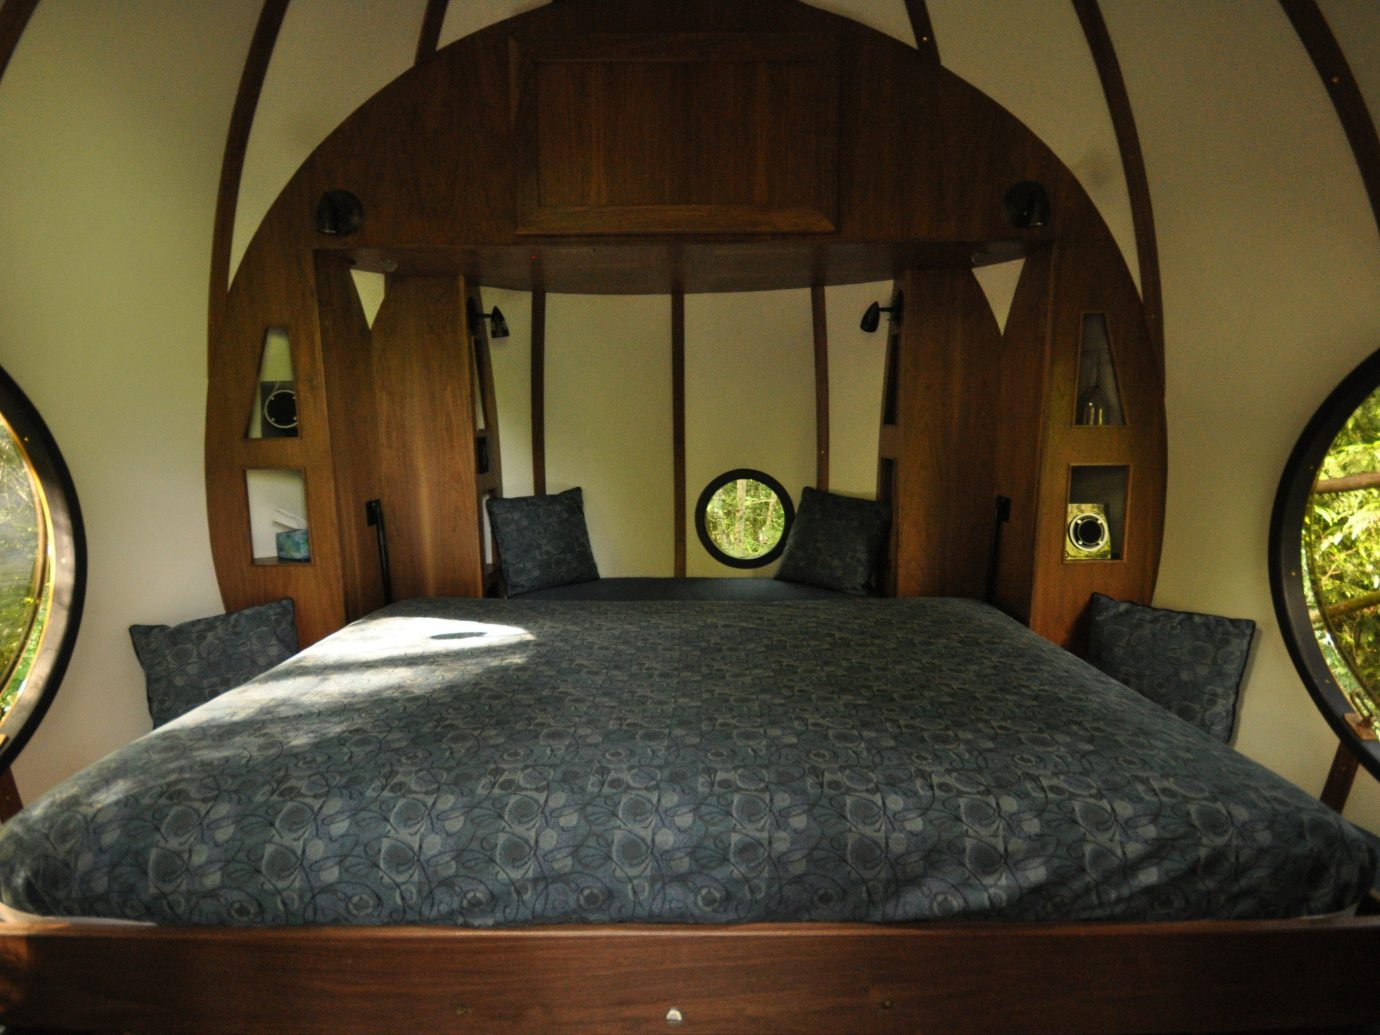 Hotels room property indoor furniture bed cottage Bedroom estate